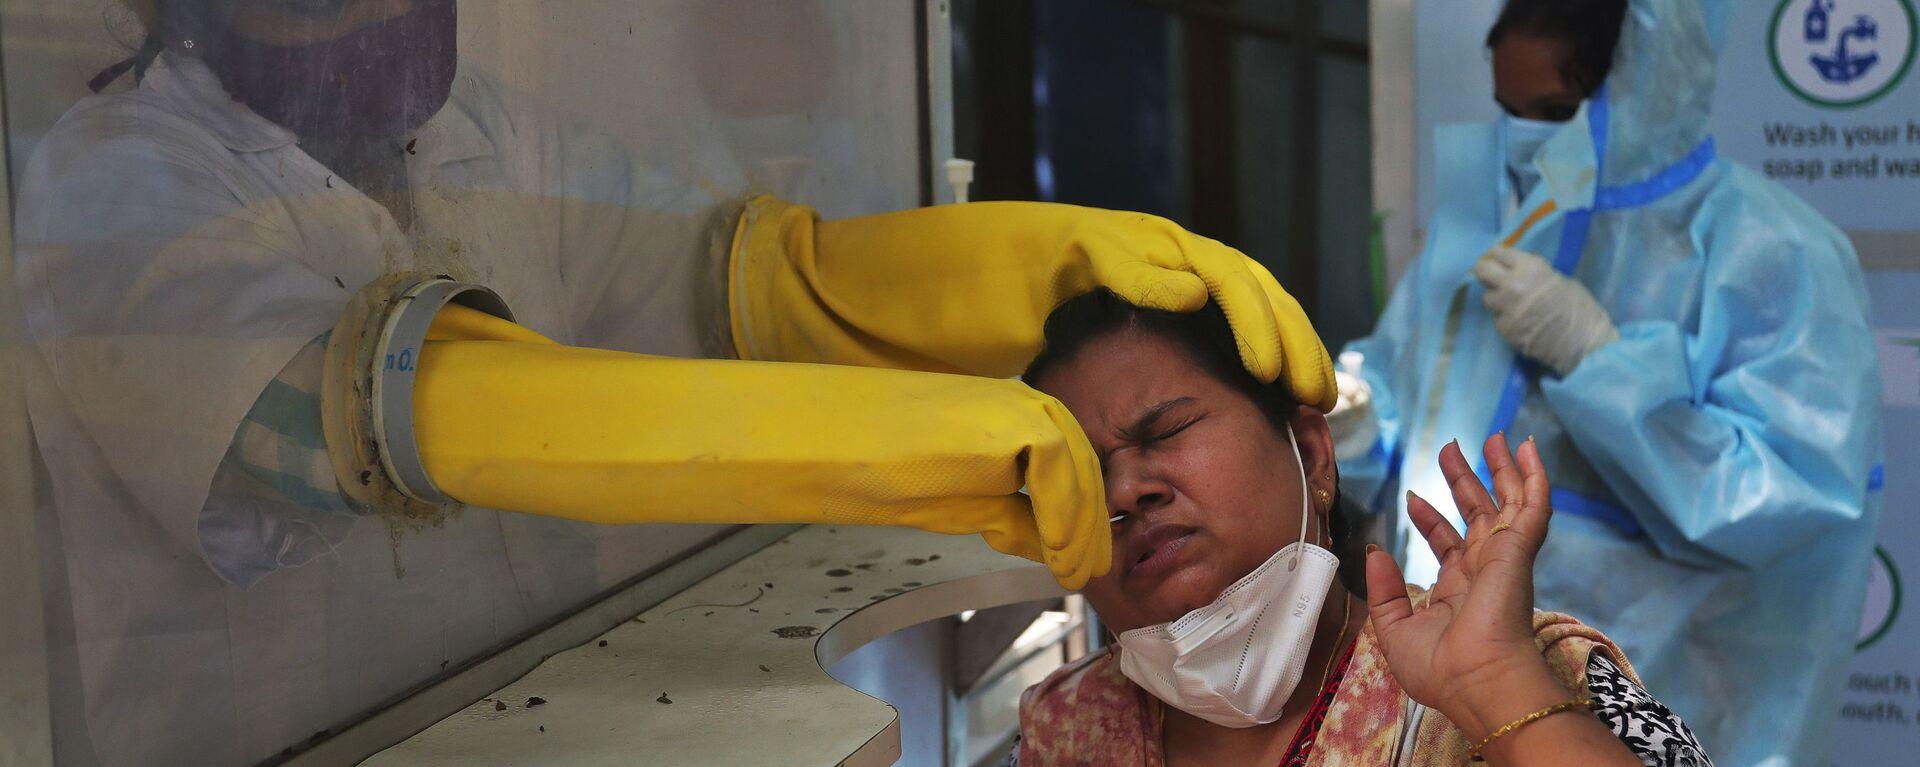 Zdravotník provádí test v Indii - Sputnik Česká republika, 1920, 05.09.2021